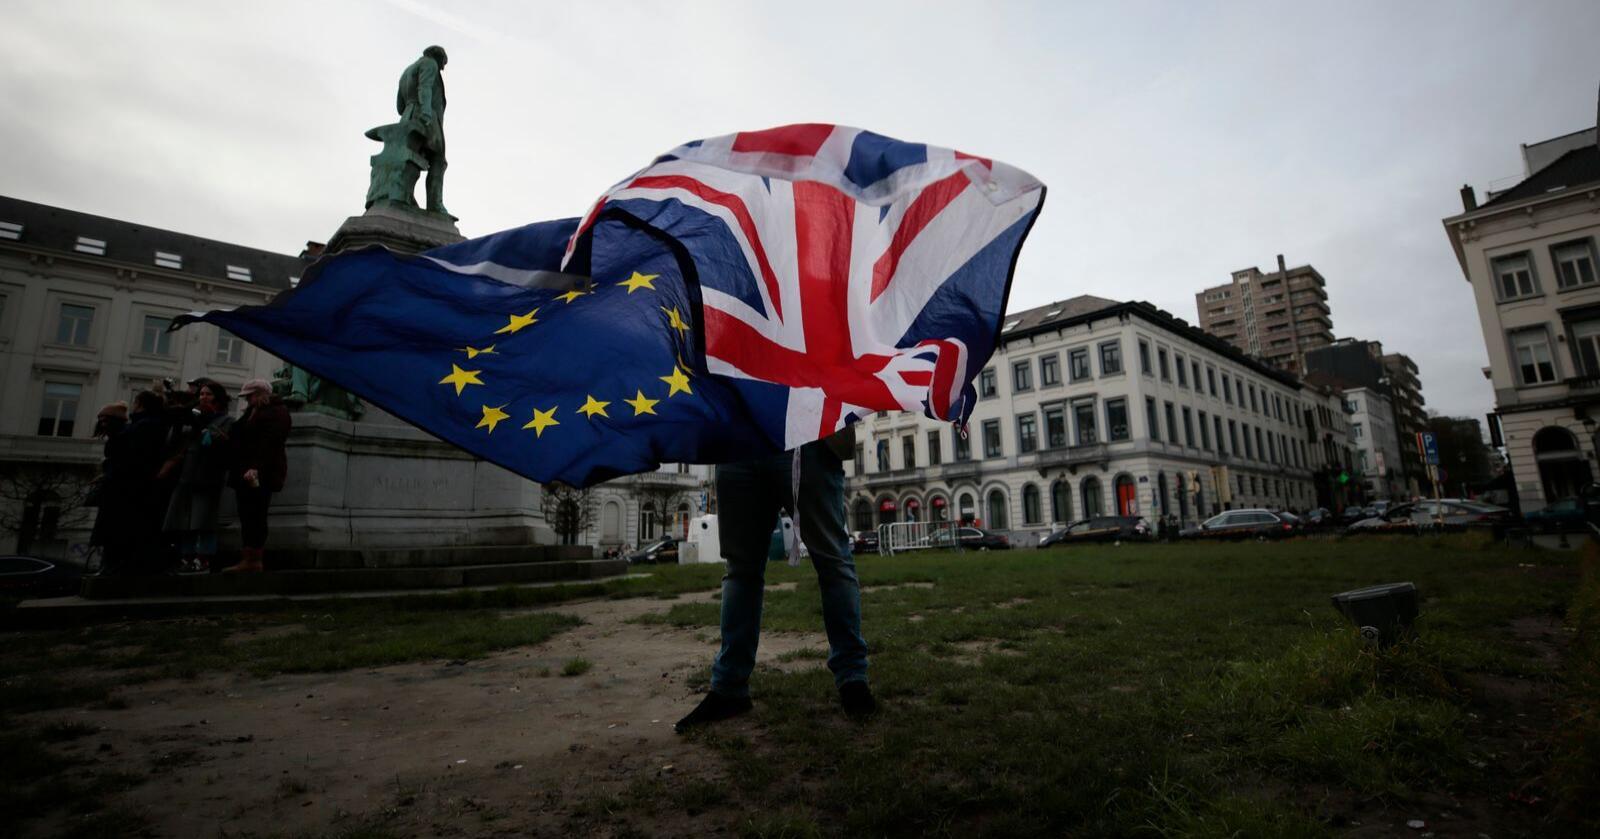 Frihandelsavtale: Har NHOs Tore Myhre studert de 1259 sidene i EU og UKs frihandelsavtale, spør innsenderne. Foto: Virginia Mayo / AP / NTB